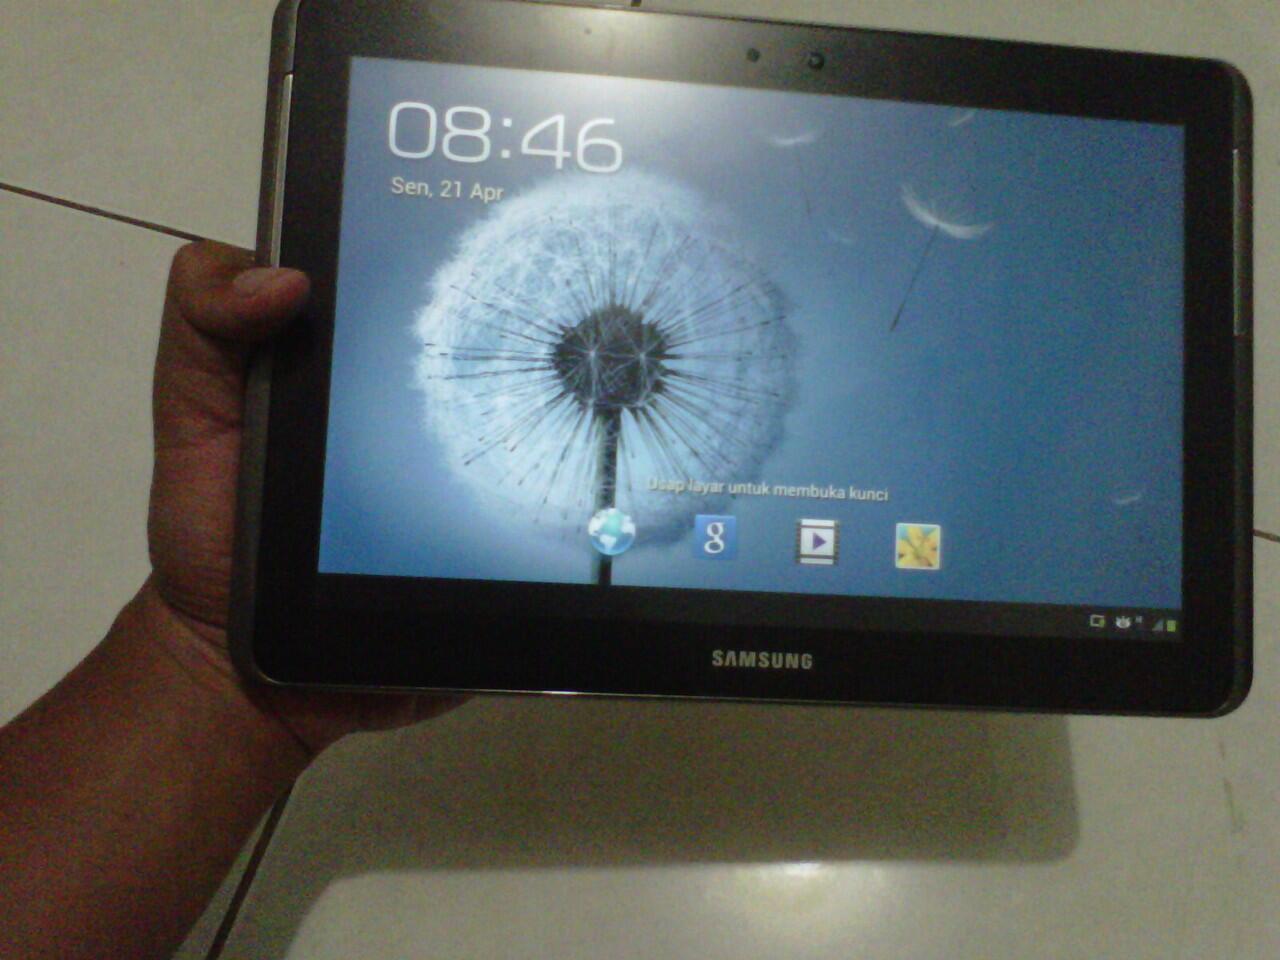 Samsung Galaxy Tab2 10inc (P5100) EX Garansi SEIN, Surabaya